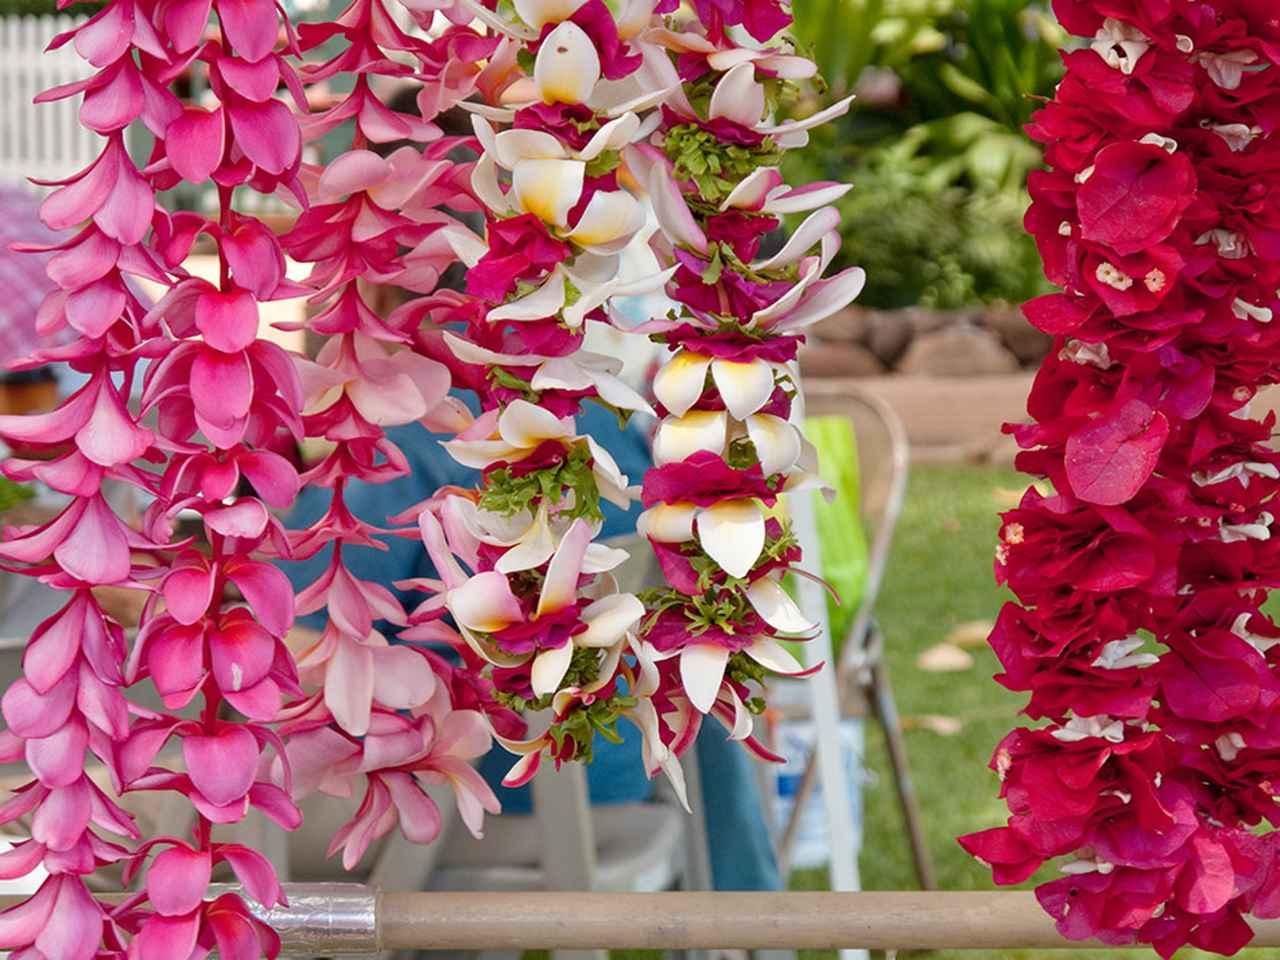 画像: 色の鮮やかさで選ぶのもいいですが、香りで選ぶのもレイの醍醐味です。ピカケ、トゥバローズといった花のレイの濃く甘い香りはじつに個性的